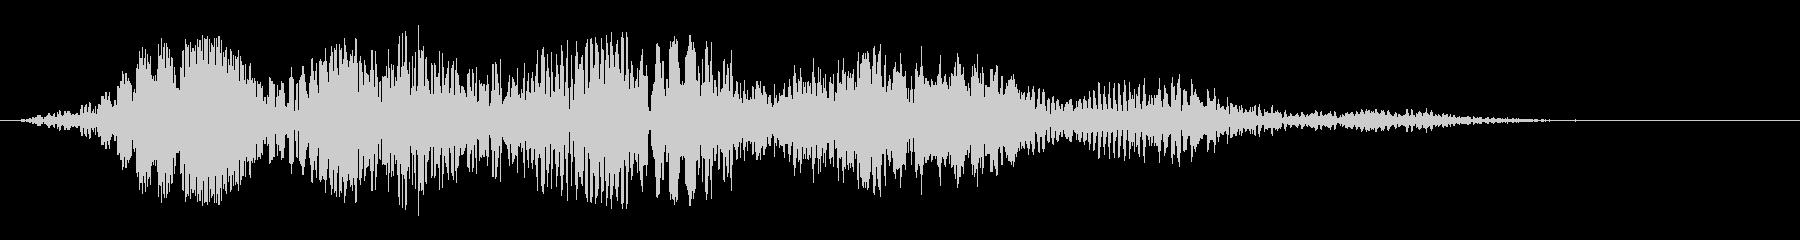 ポワワン (神秘的な波形音)の未再生の波形